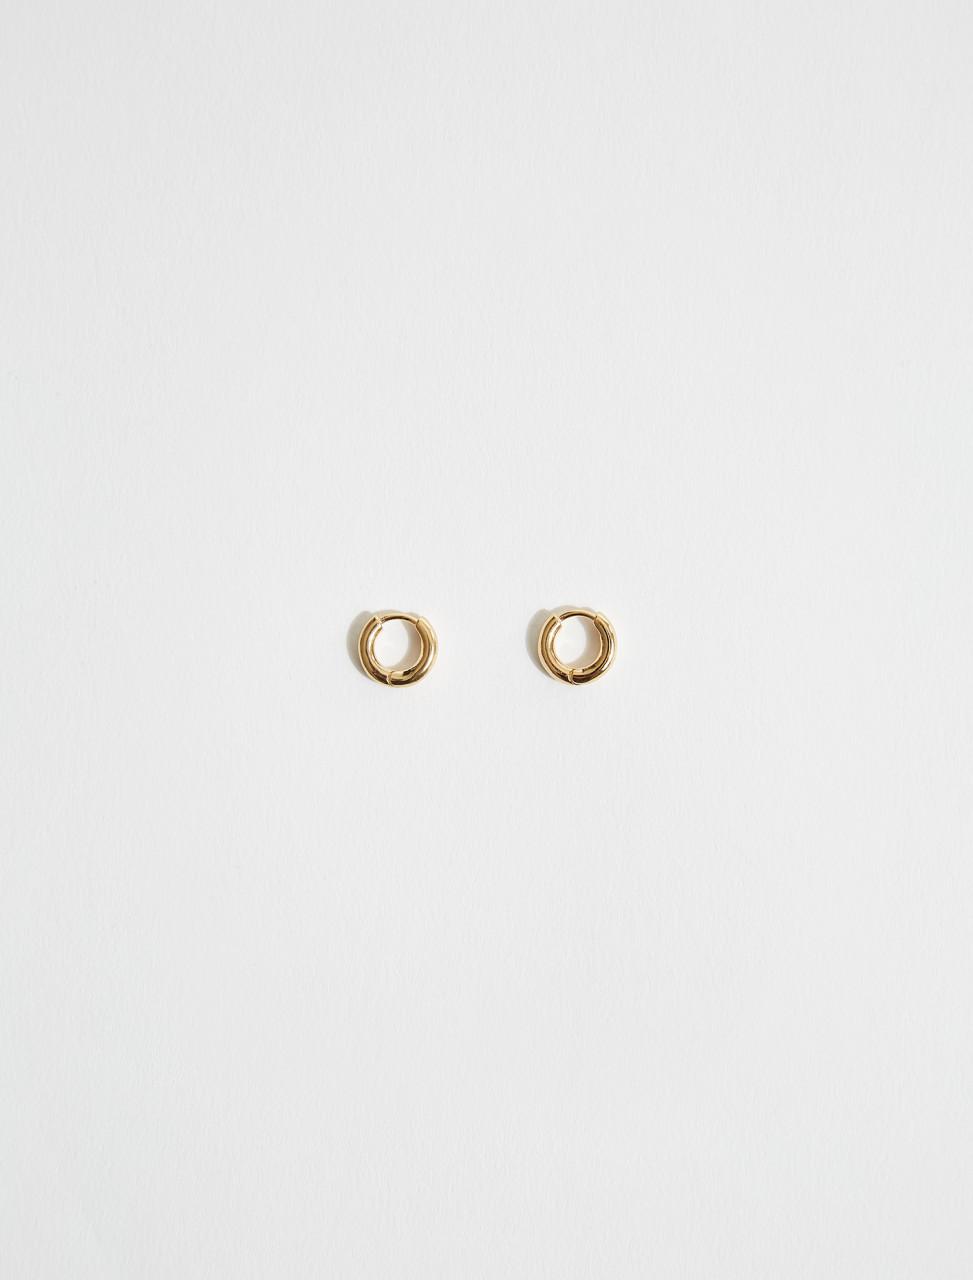 JSMS836064-MSS80018-710 JIL SANDER RIPPLE HOOP EARRINGS IN GOLD